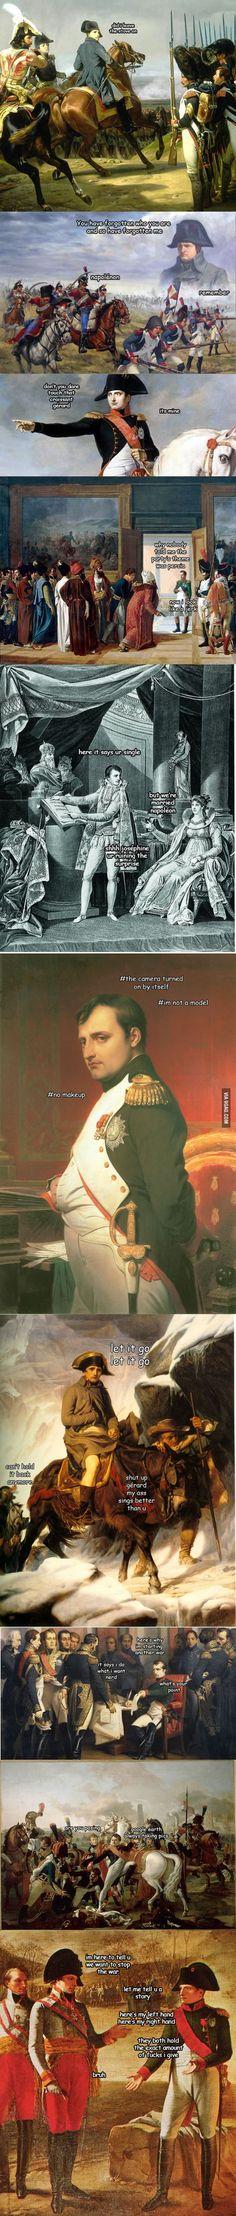 The Adventures of Napoléon Bonaparte Omygosh save me, just as good as the Washington ones